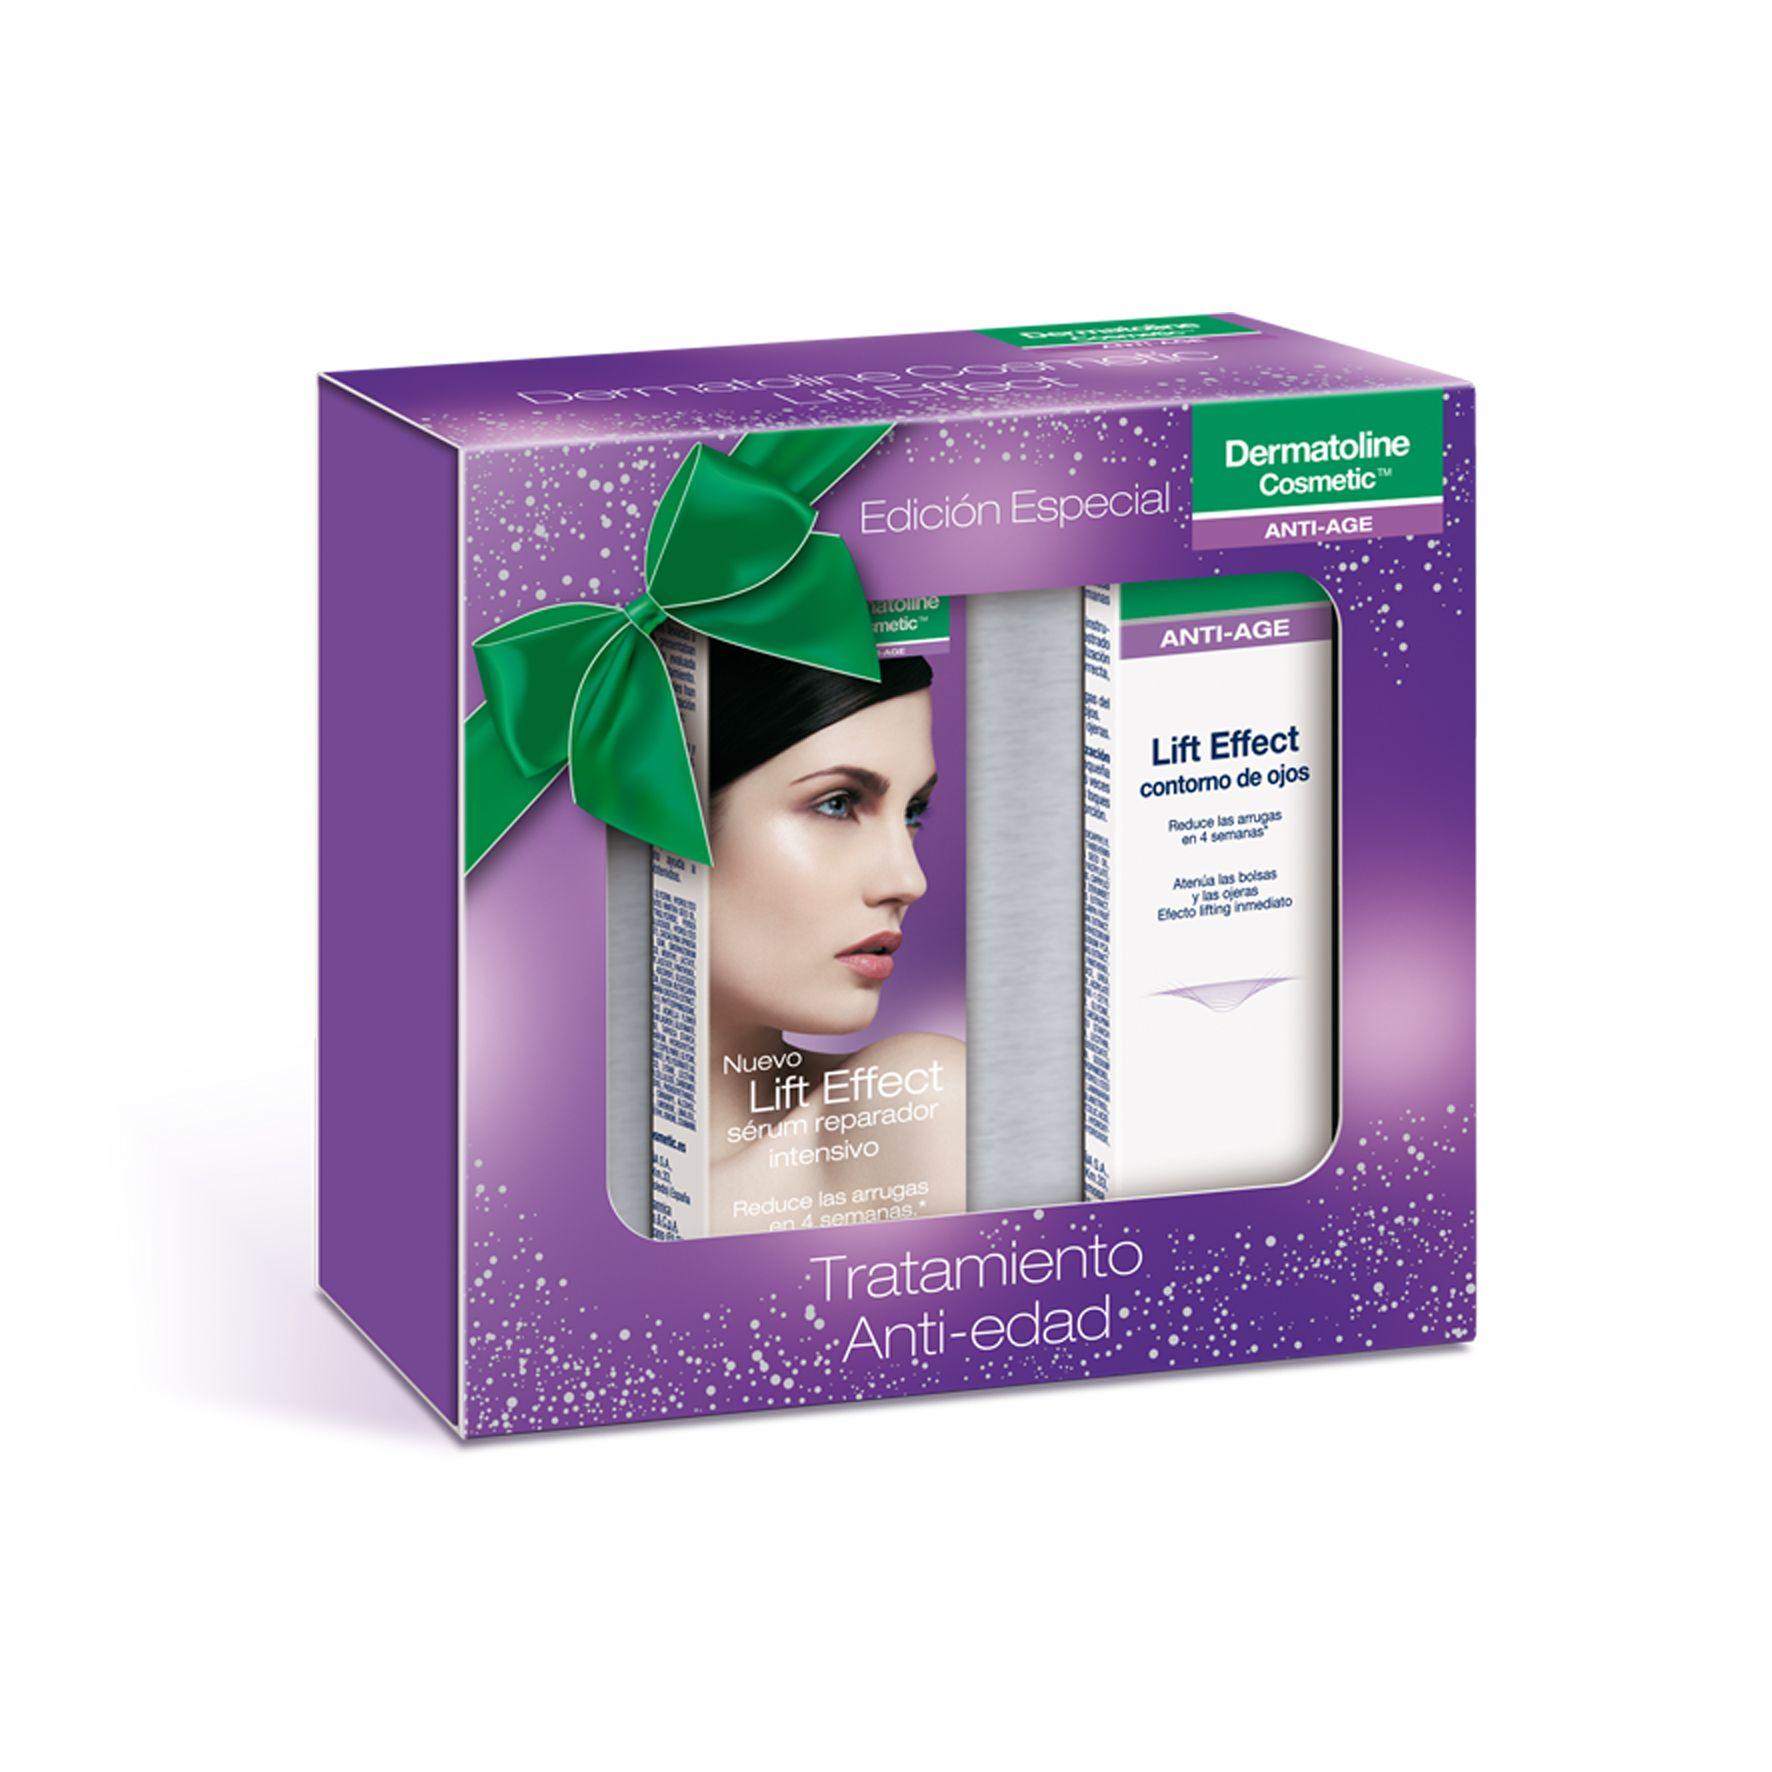 Dermatoline Cosmetic regalos de navidad